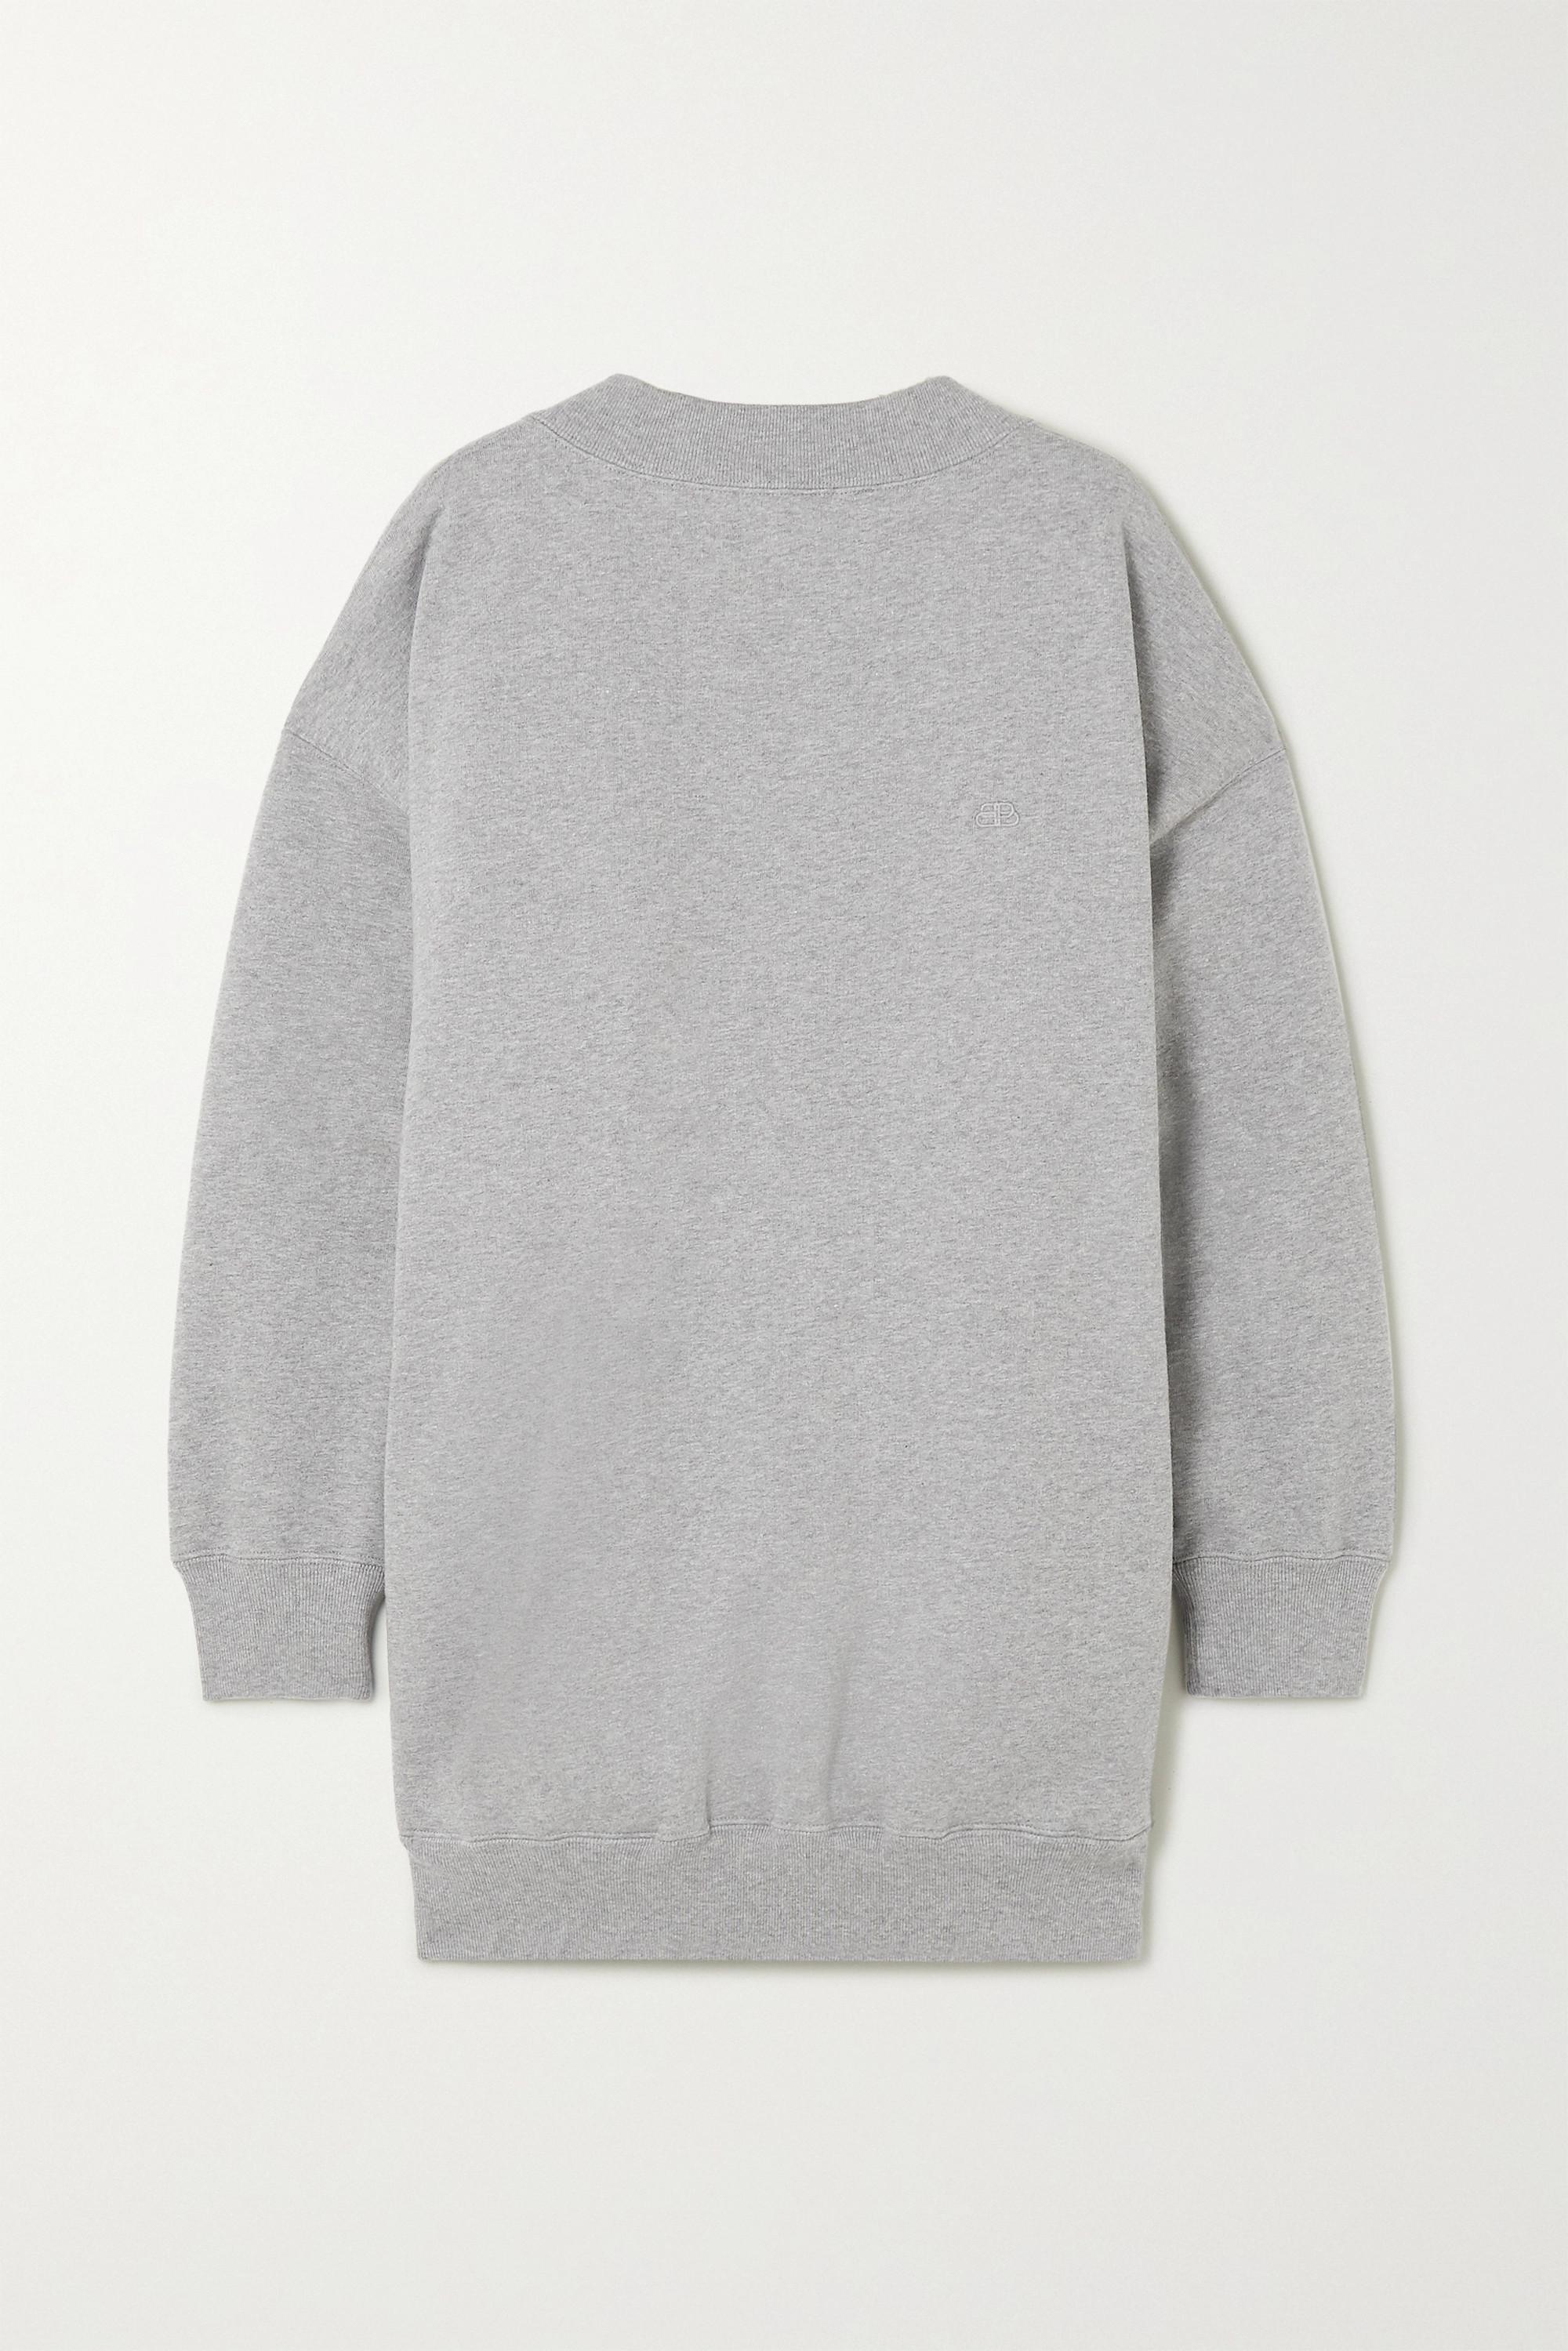 Balenciaga Cristobal 大廓形纯棉平纹布卫衣